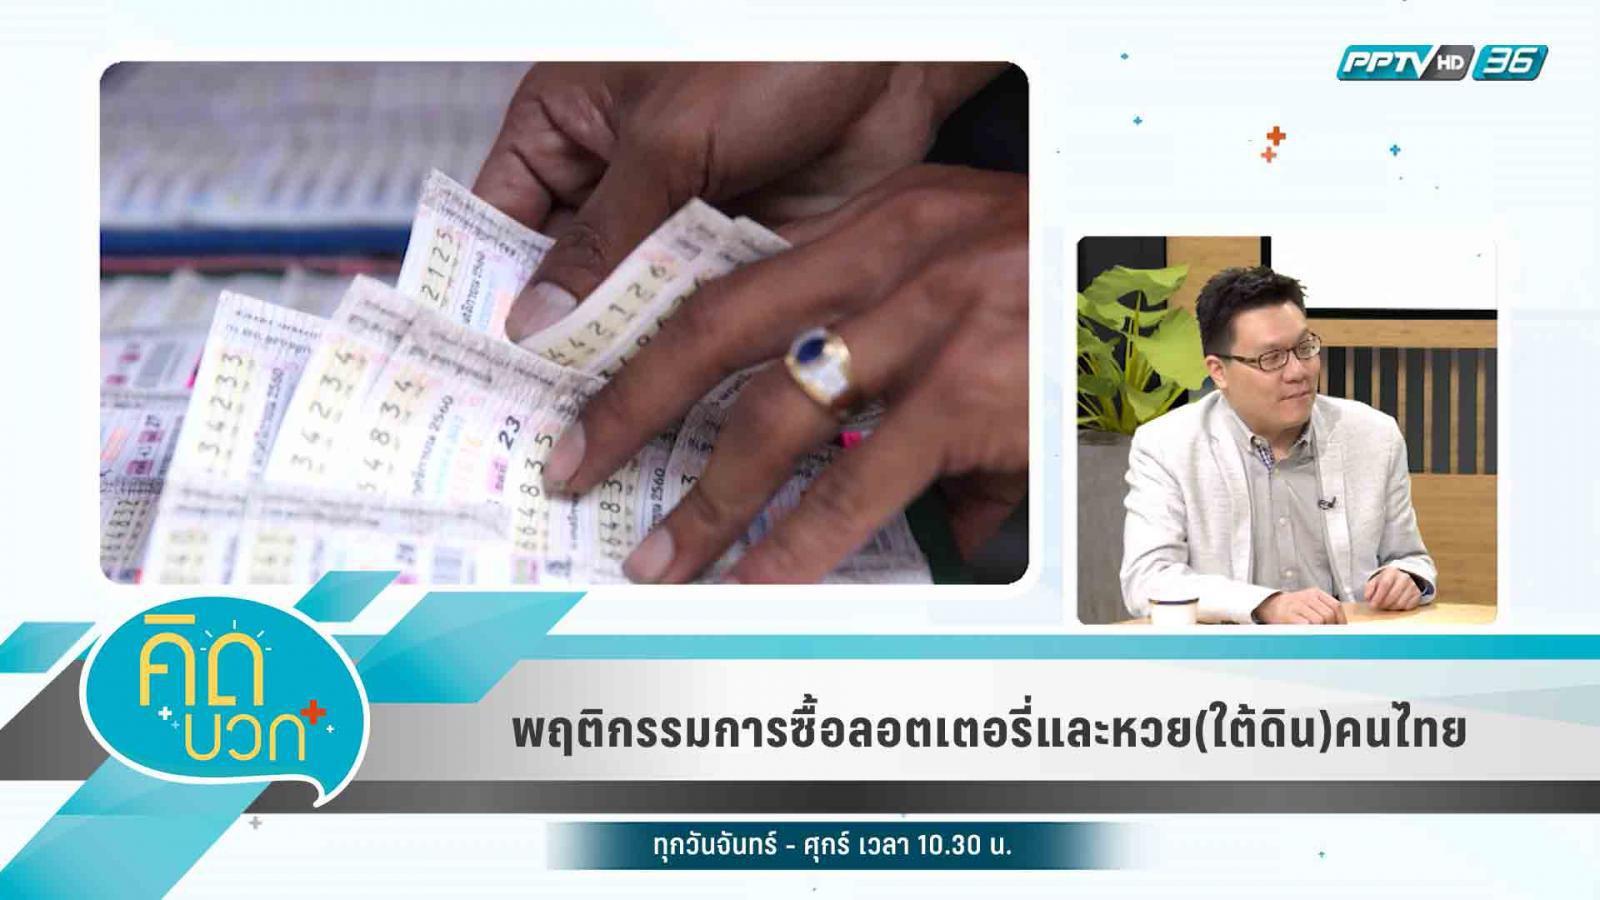 พฤติกรรมการซื้อลอตเตอรี่และหวย(ใต้ดิน)คนไทย